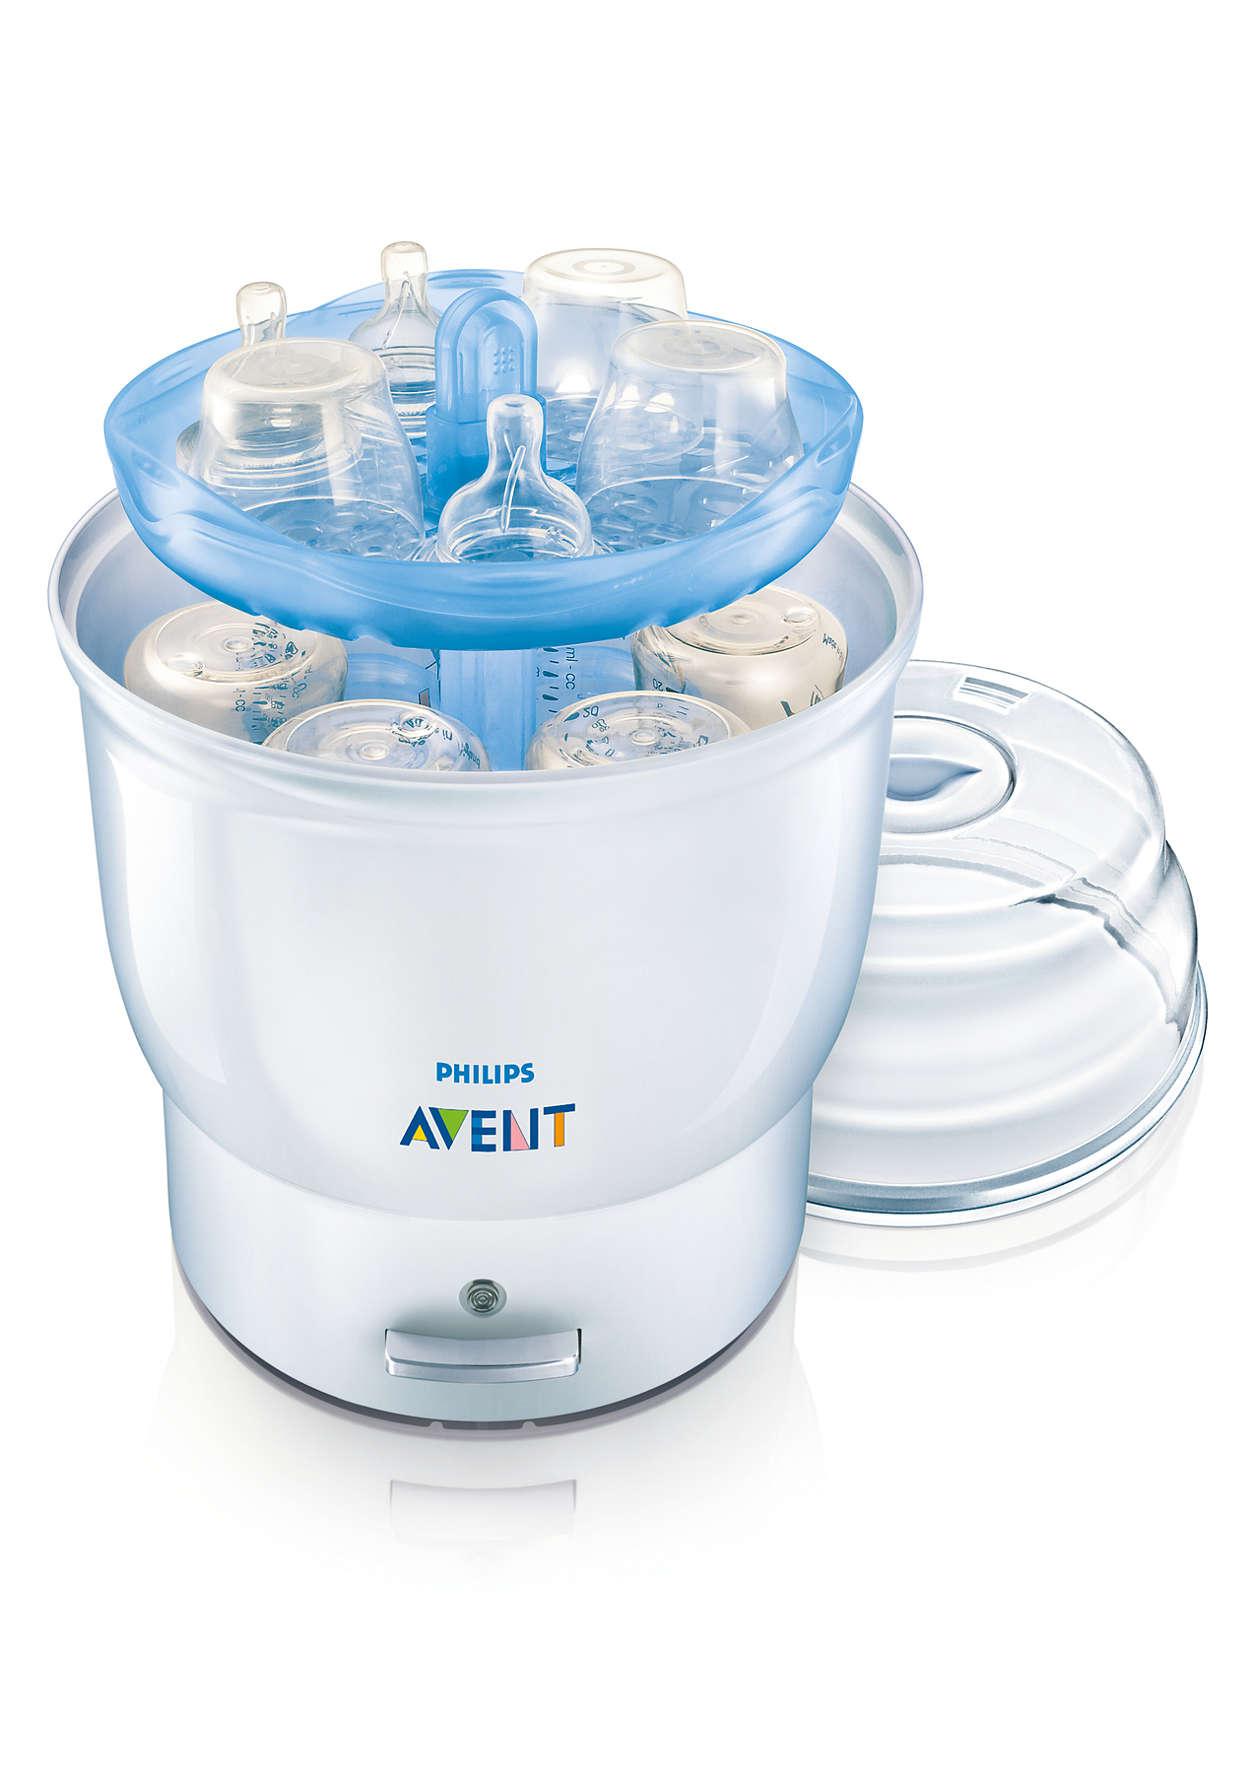 Sterilizează 6 biberoane în 8 minute